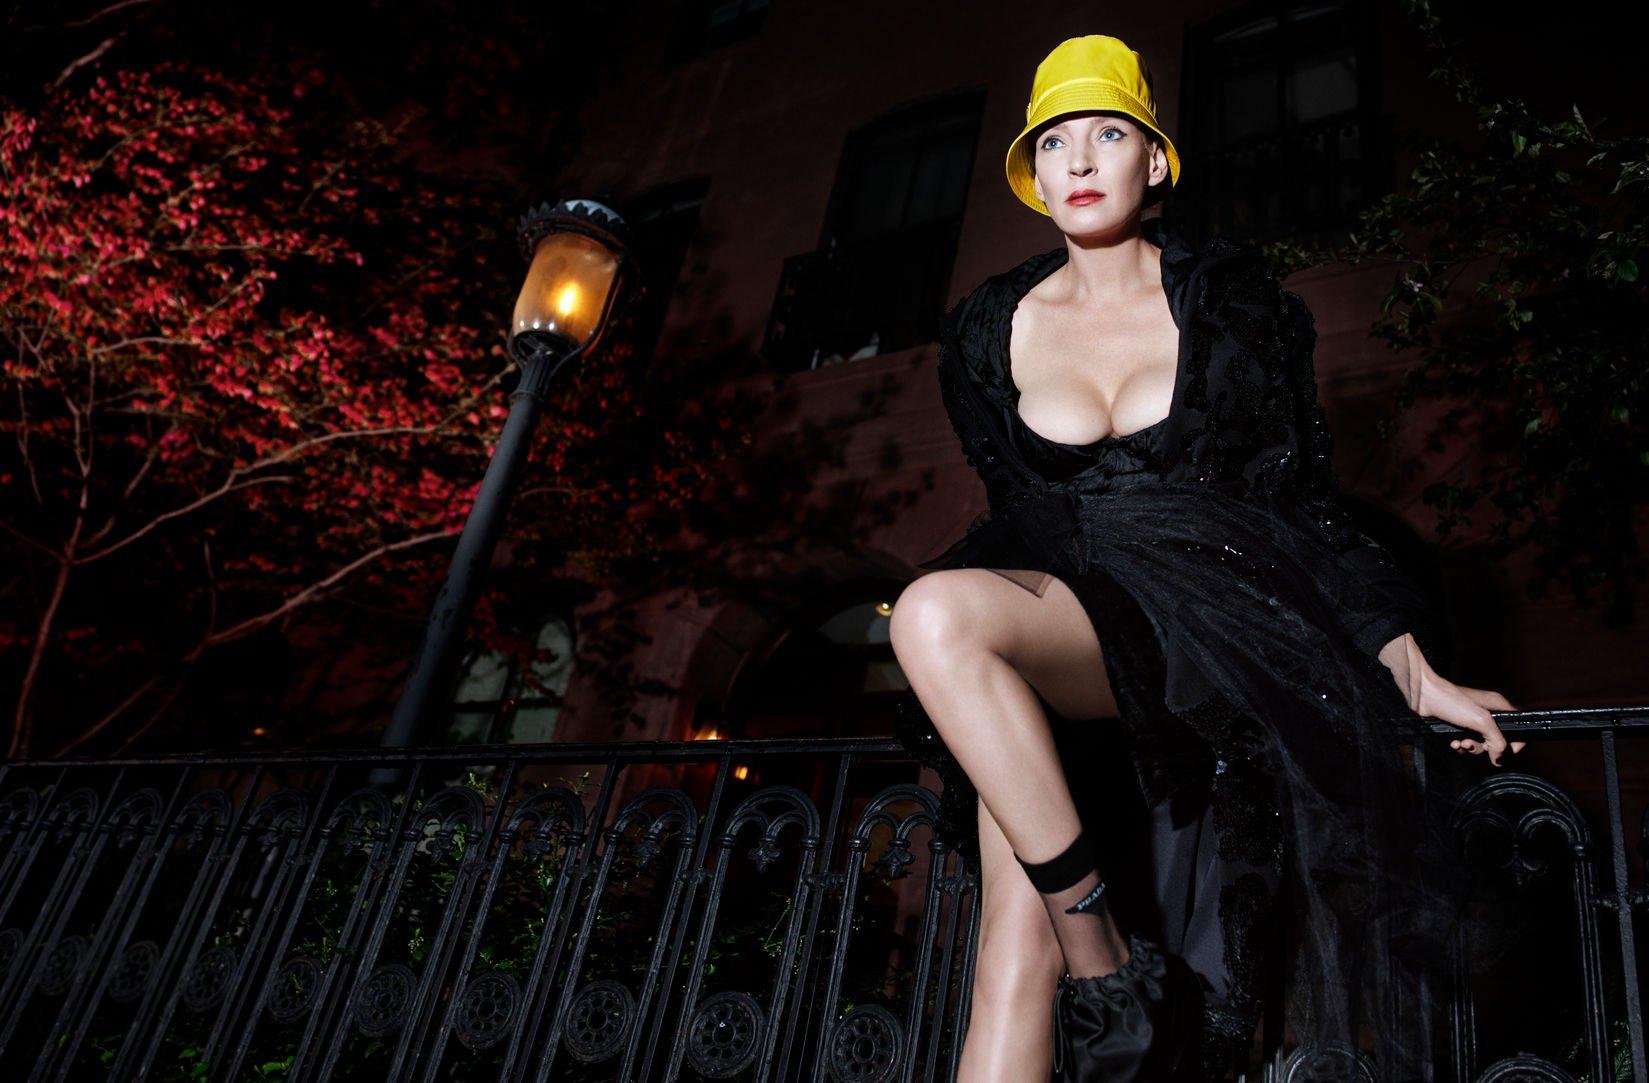 Uma-Thurman-Sexy-TheFappeningBlog.com-9.jpg